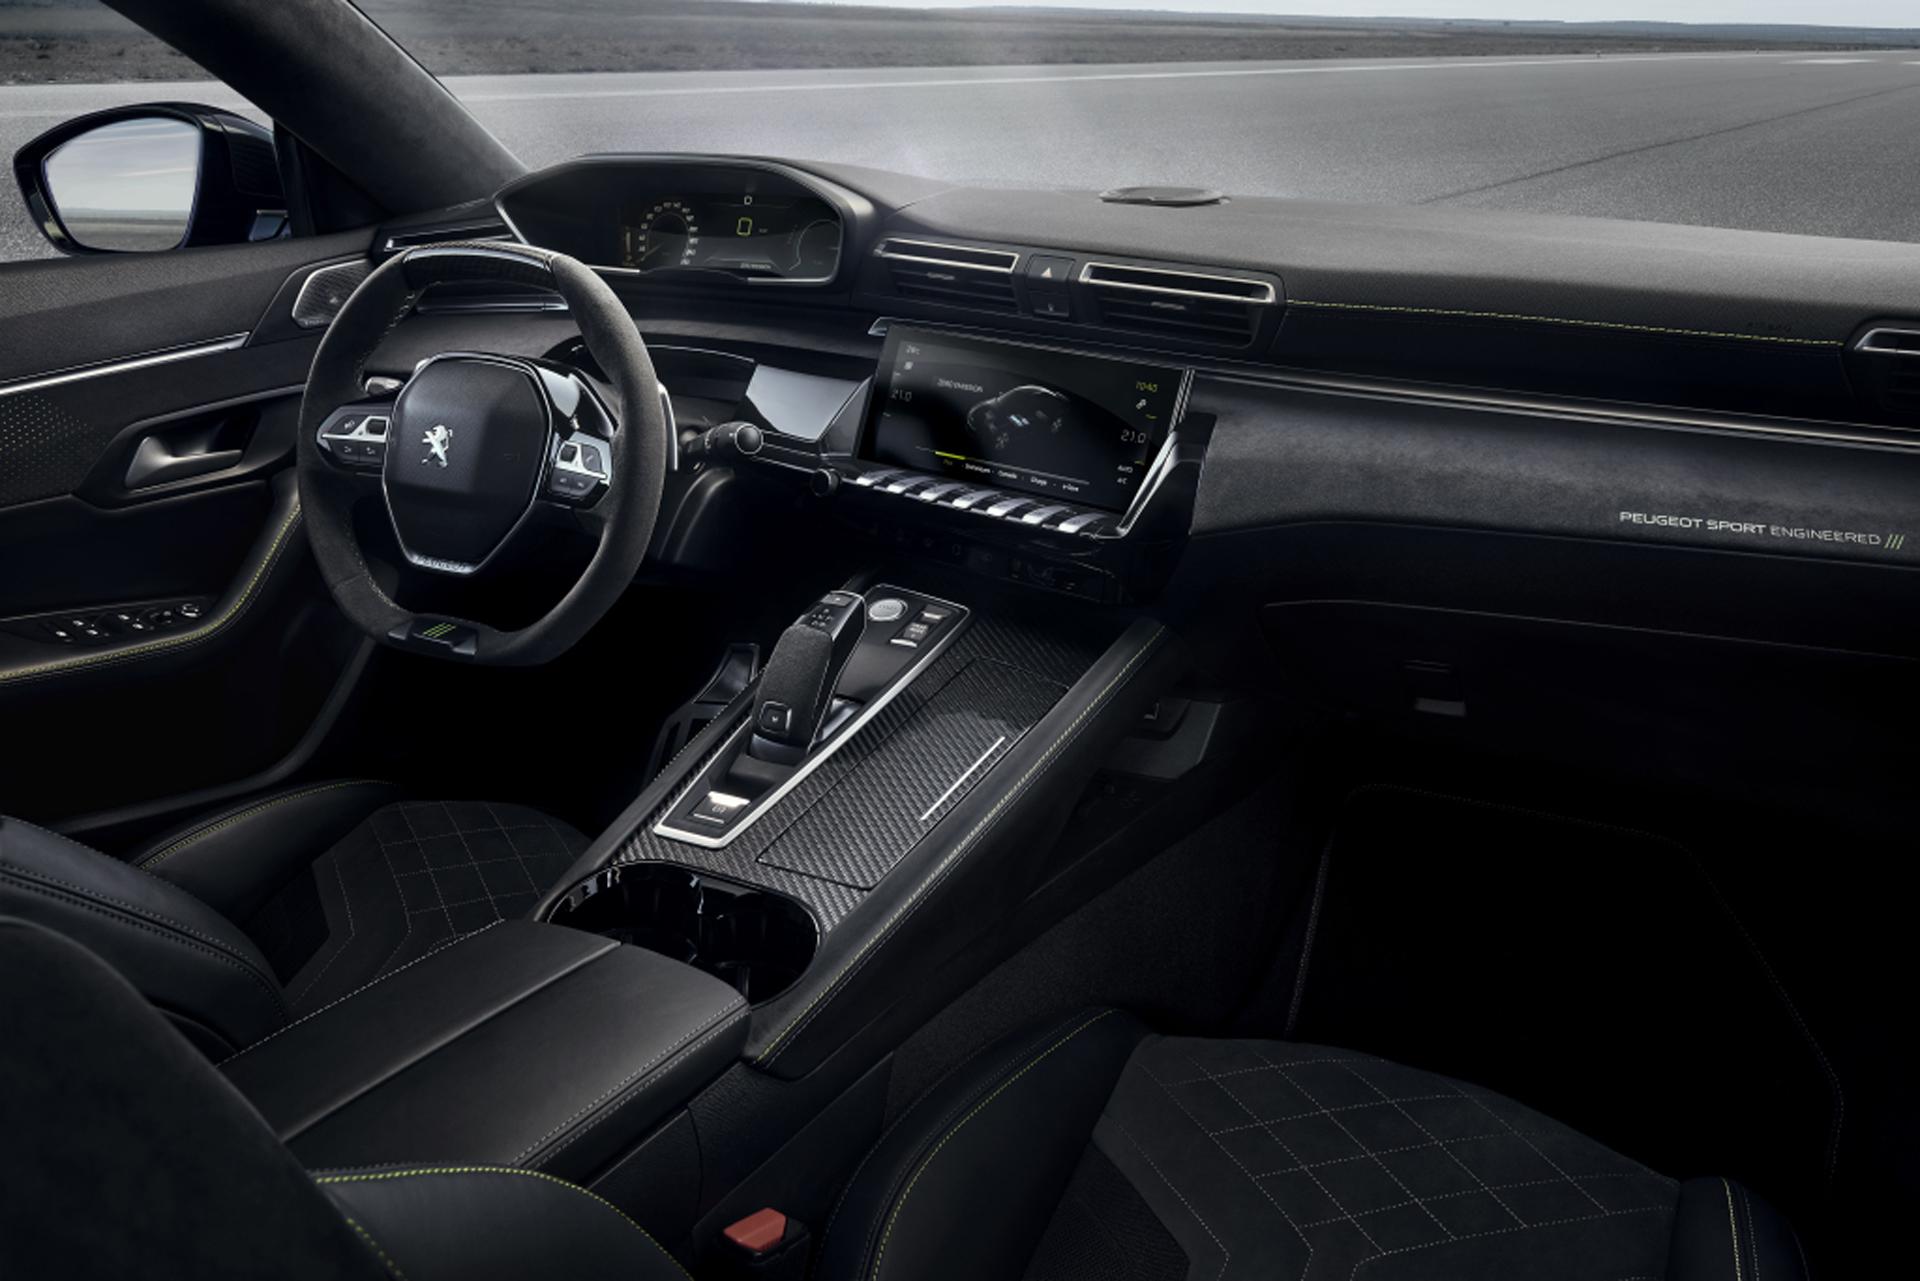 El auto tiene una tracción total para acelerar de 0 a 100 kilómetros por hora en 4,3 segundos